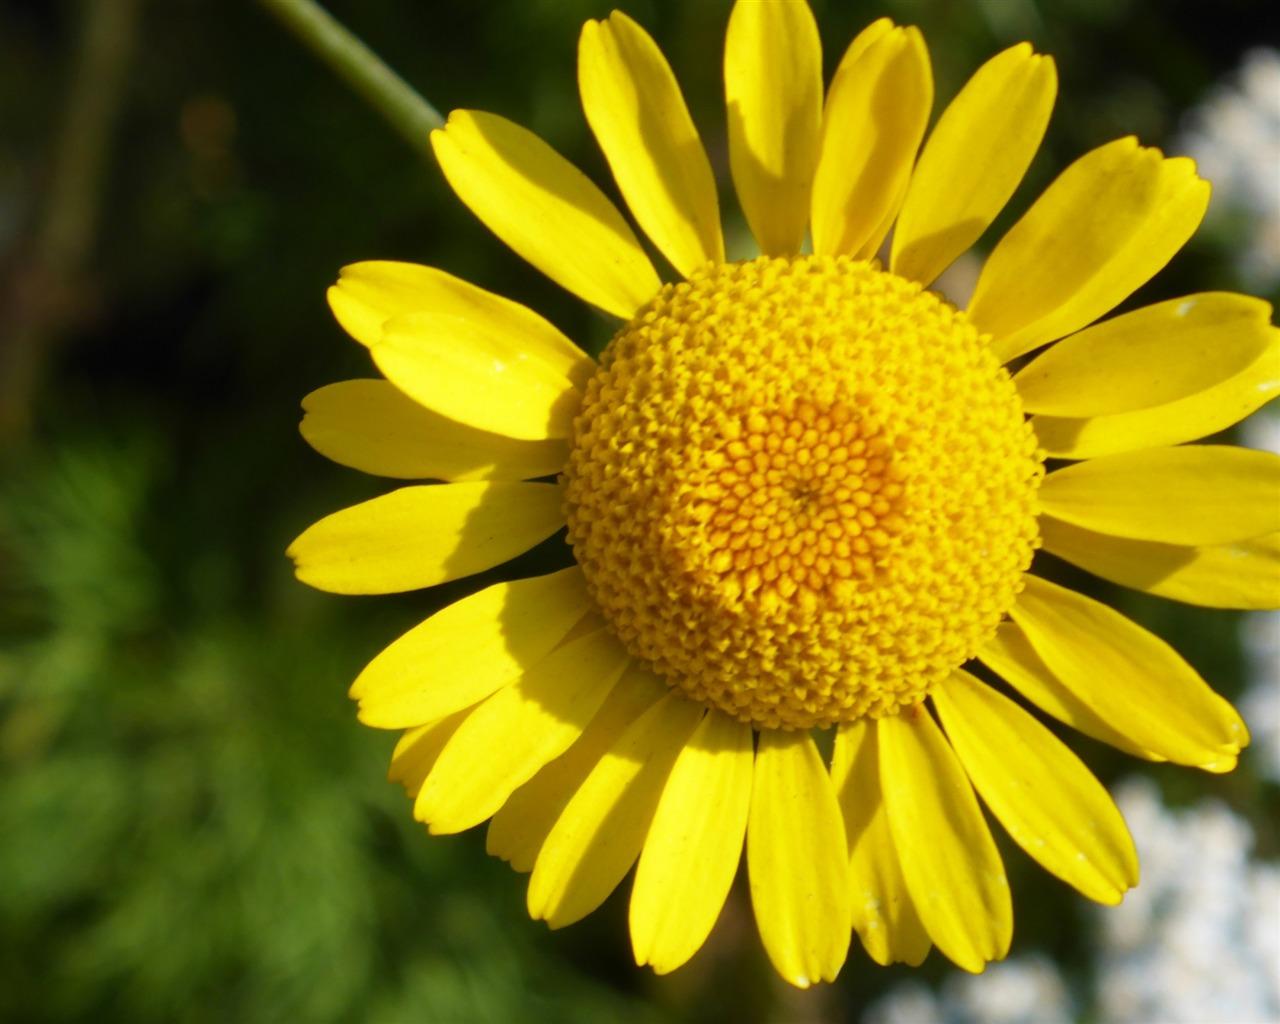 描述: 花黄色花瓣-2016高品质高清壁纸 当前壁纸尺寸: 1280 x 1024图片